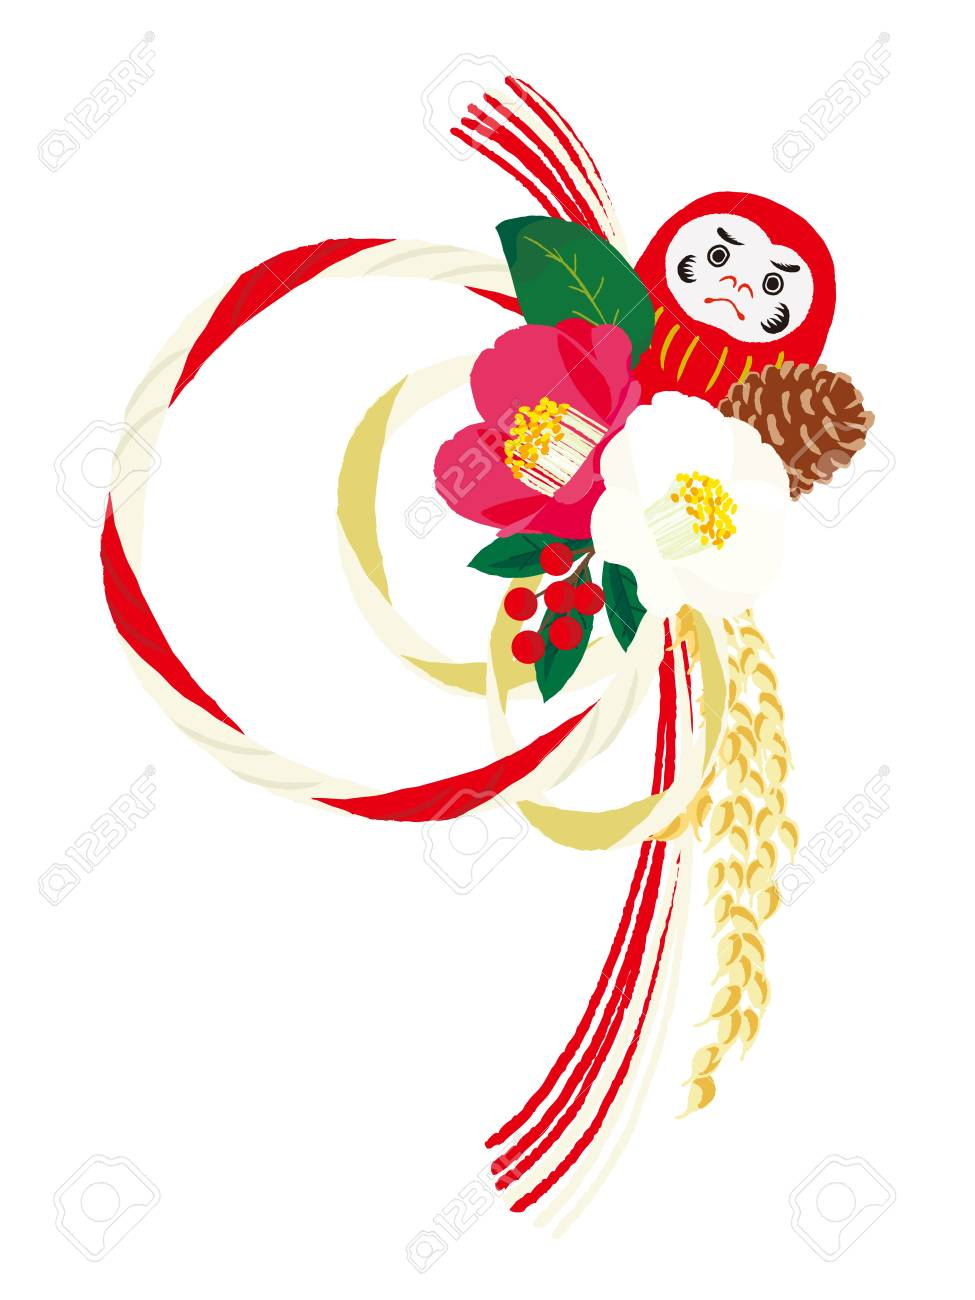 日本の正月飾りのイラスト素材ベクタ Image 84769632